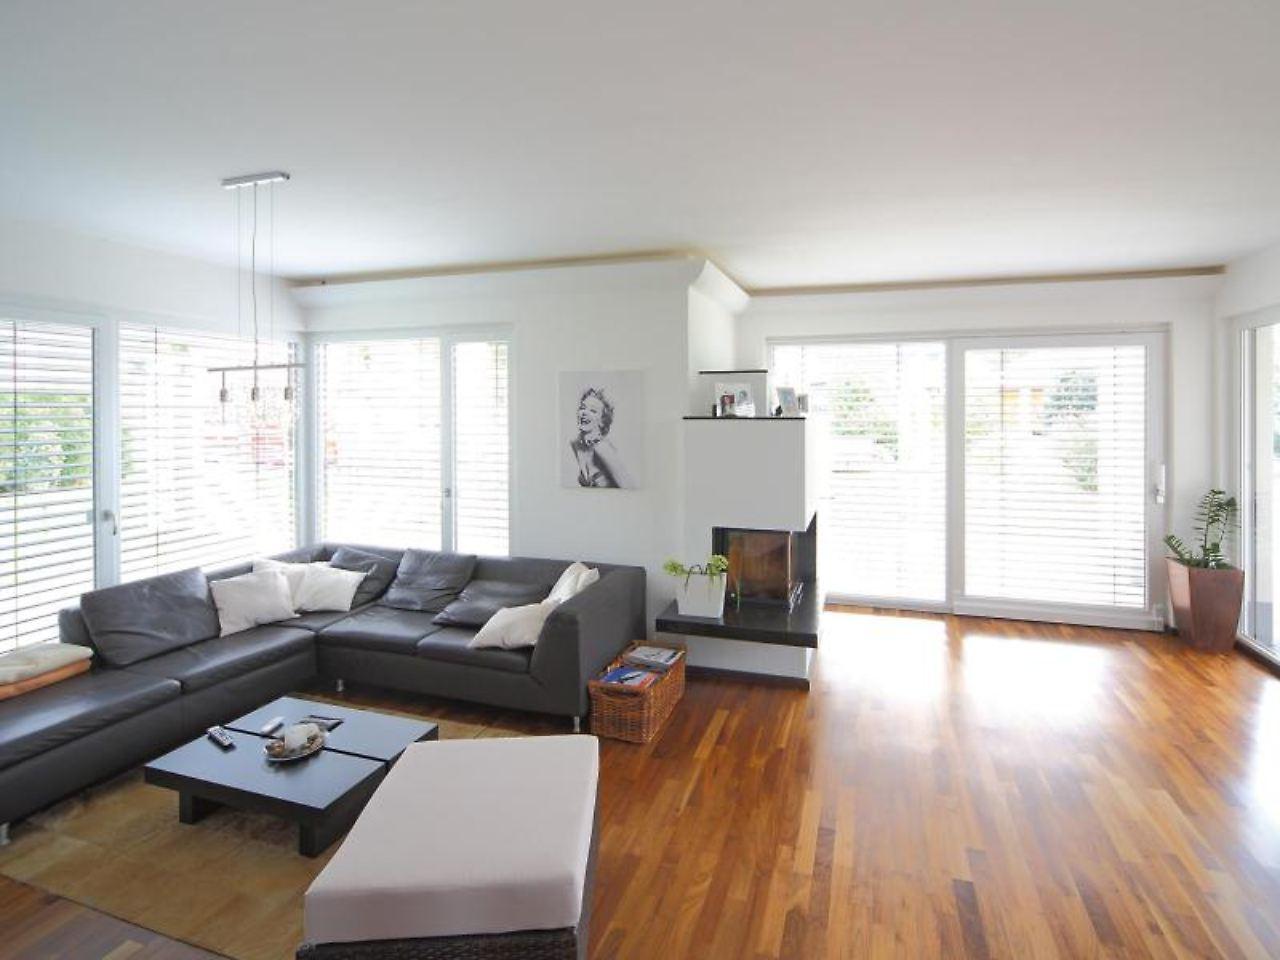 mehr durchblick check liste f r den kauf neuer fenster n. Black Bedroom Furniture Sets. Home Design Ideas